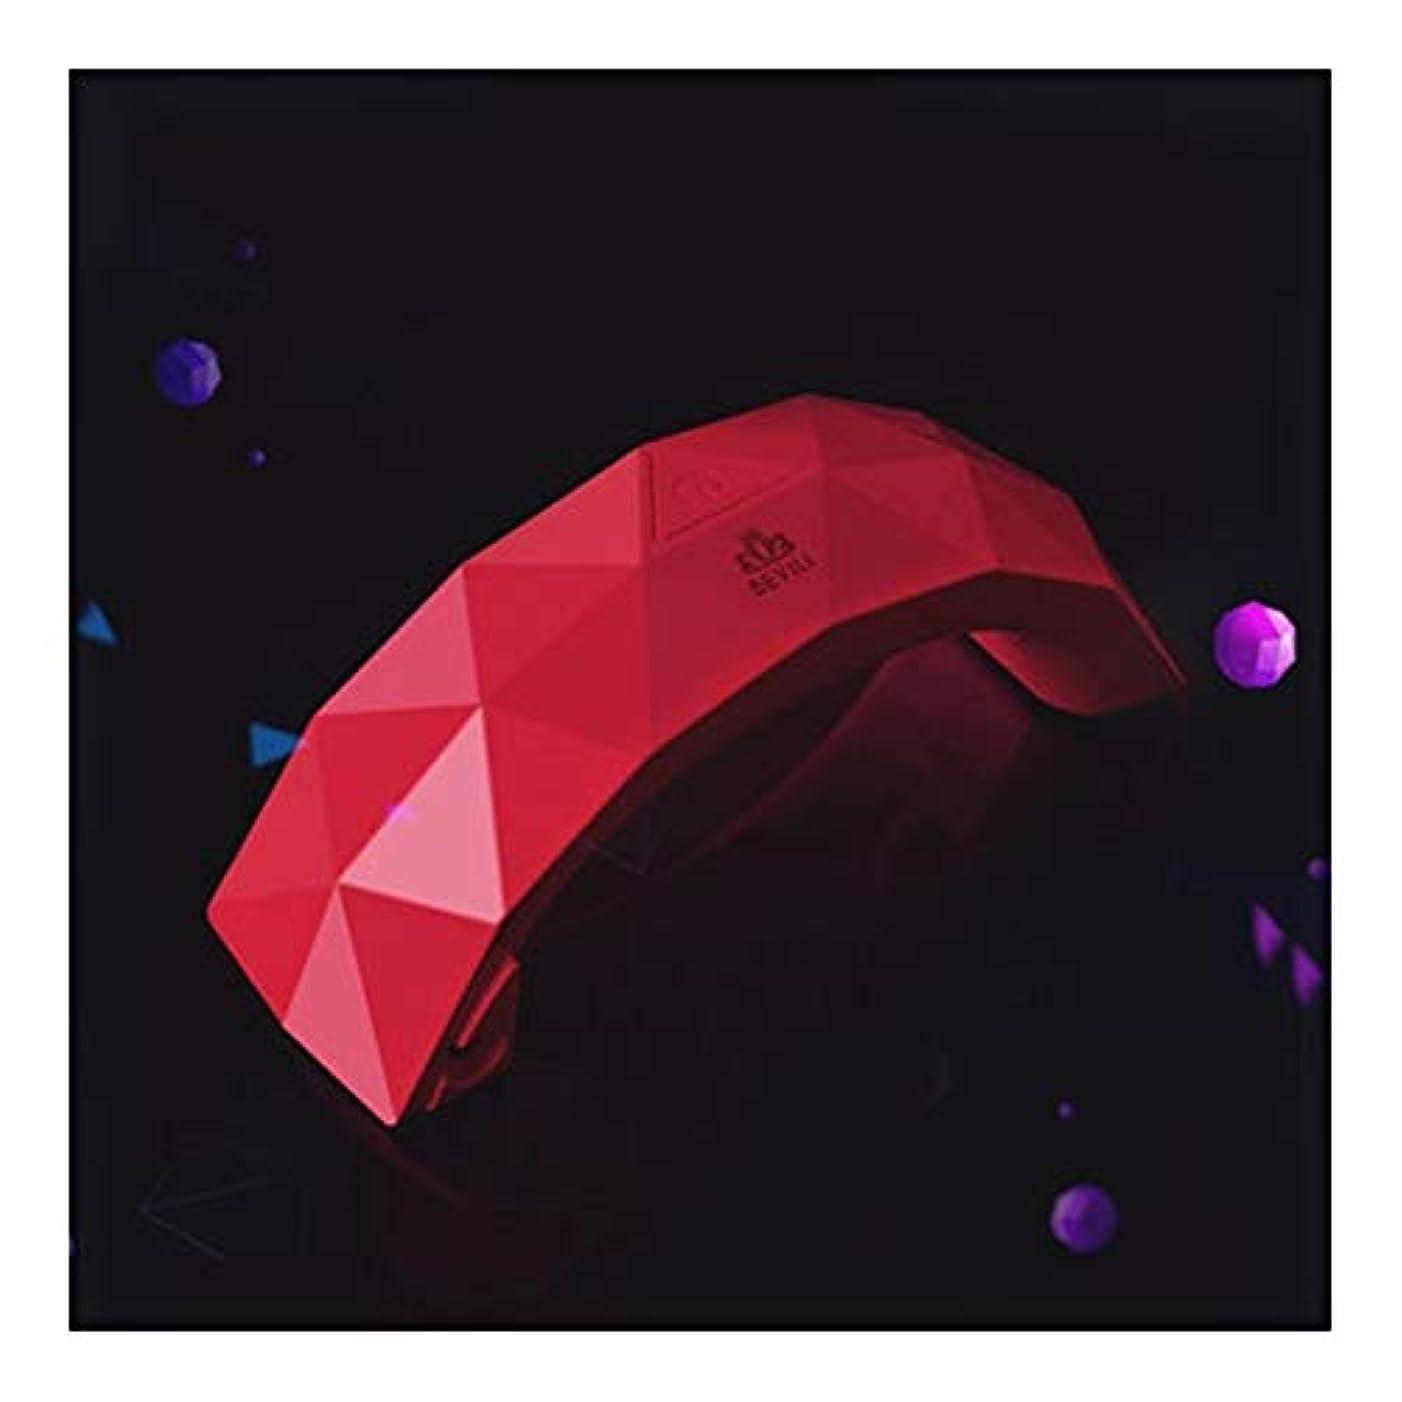 最後の盆地あごひげLittleCat ミニLEDレインボーライトセラピーランプジェルネイルポリッシュネイルズネイルドライヤーの熱ランプライト療法機械 (色 : 赤)